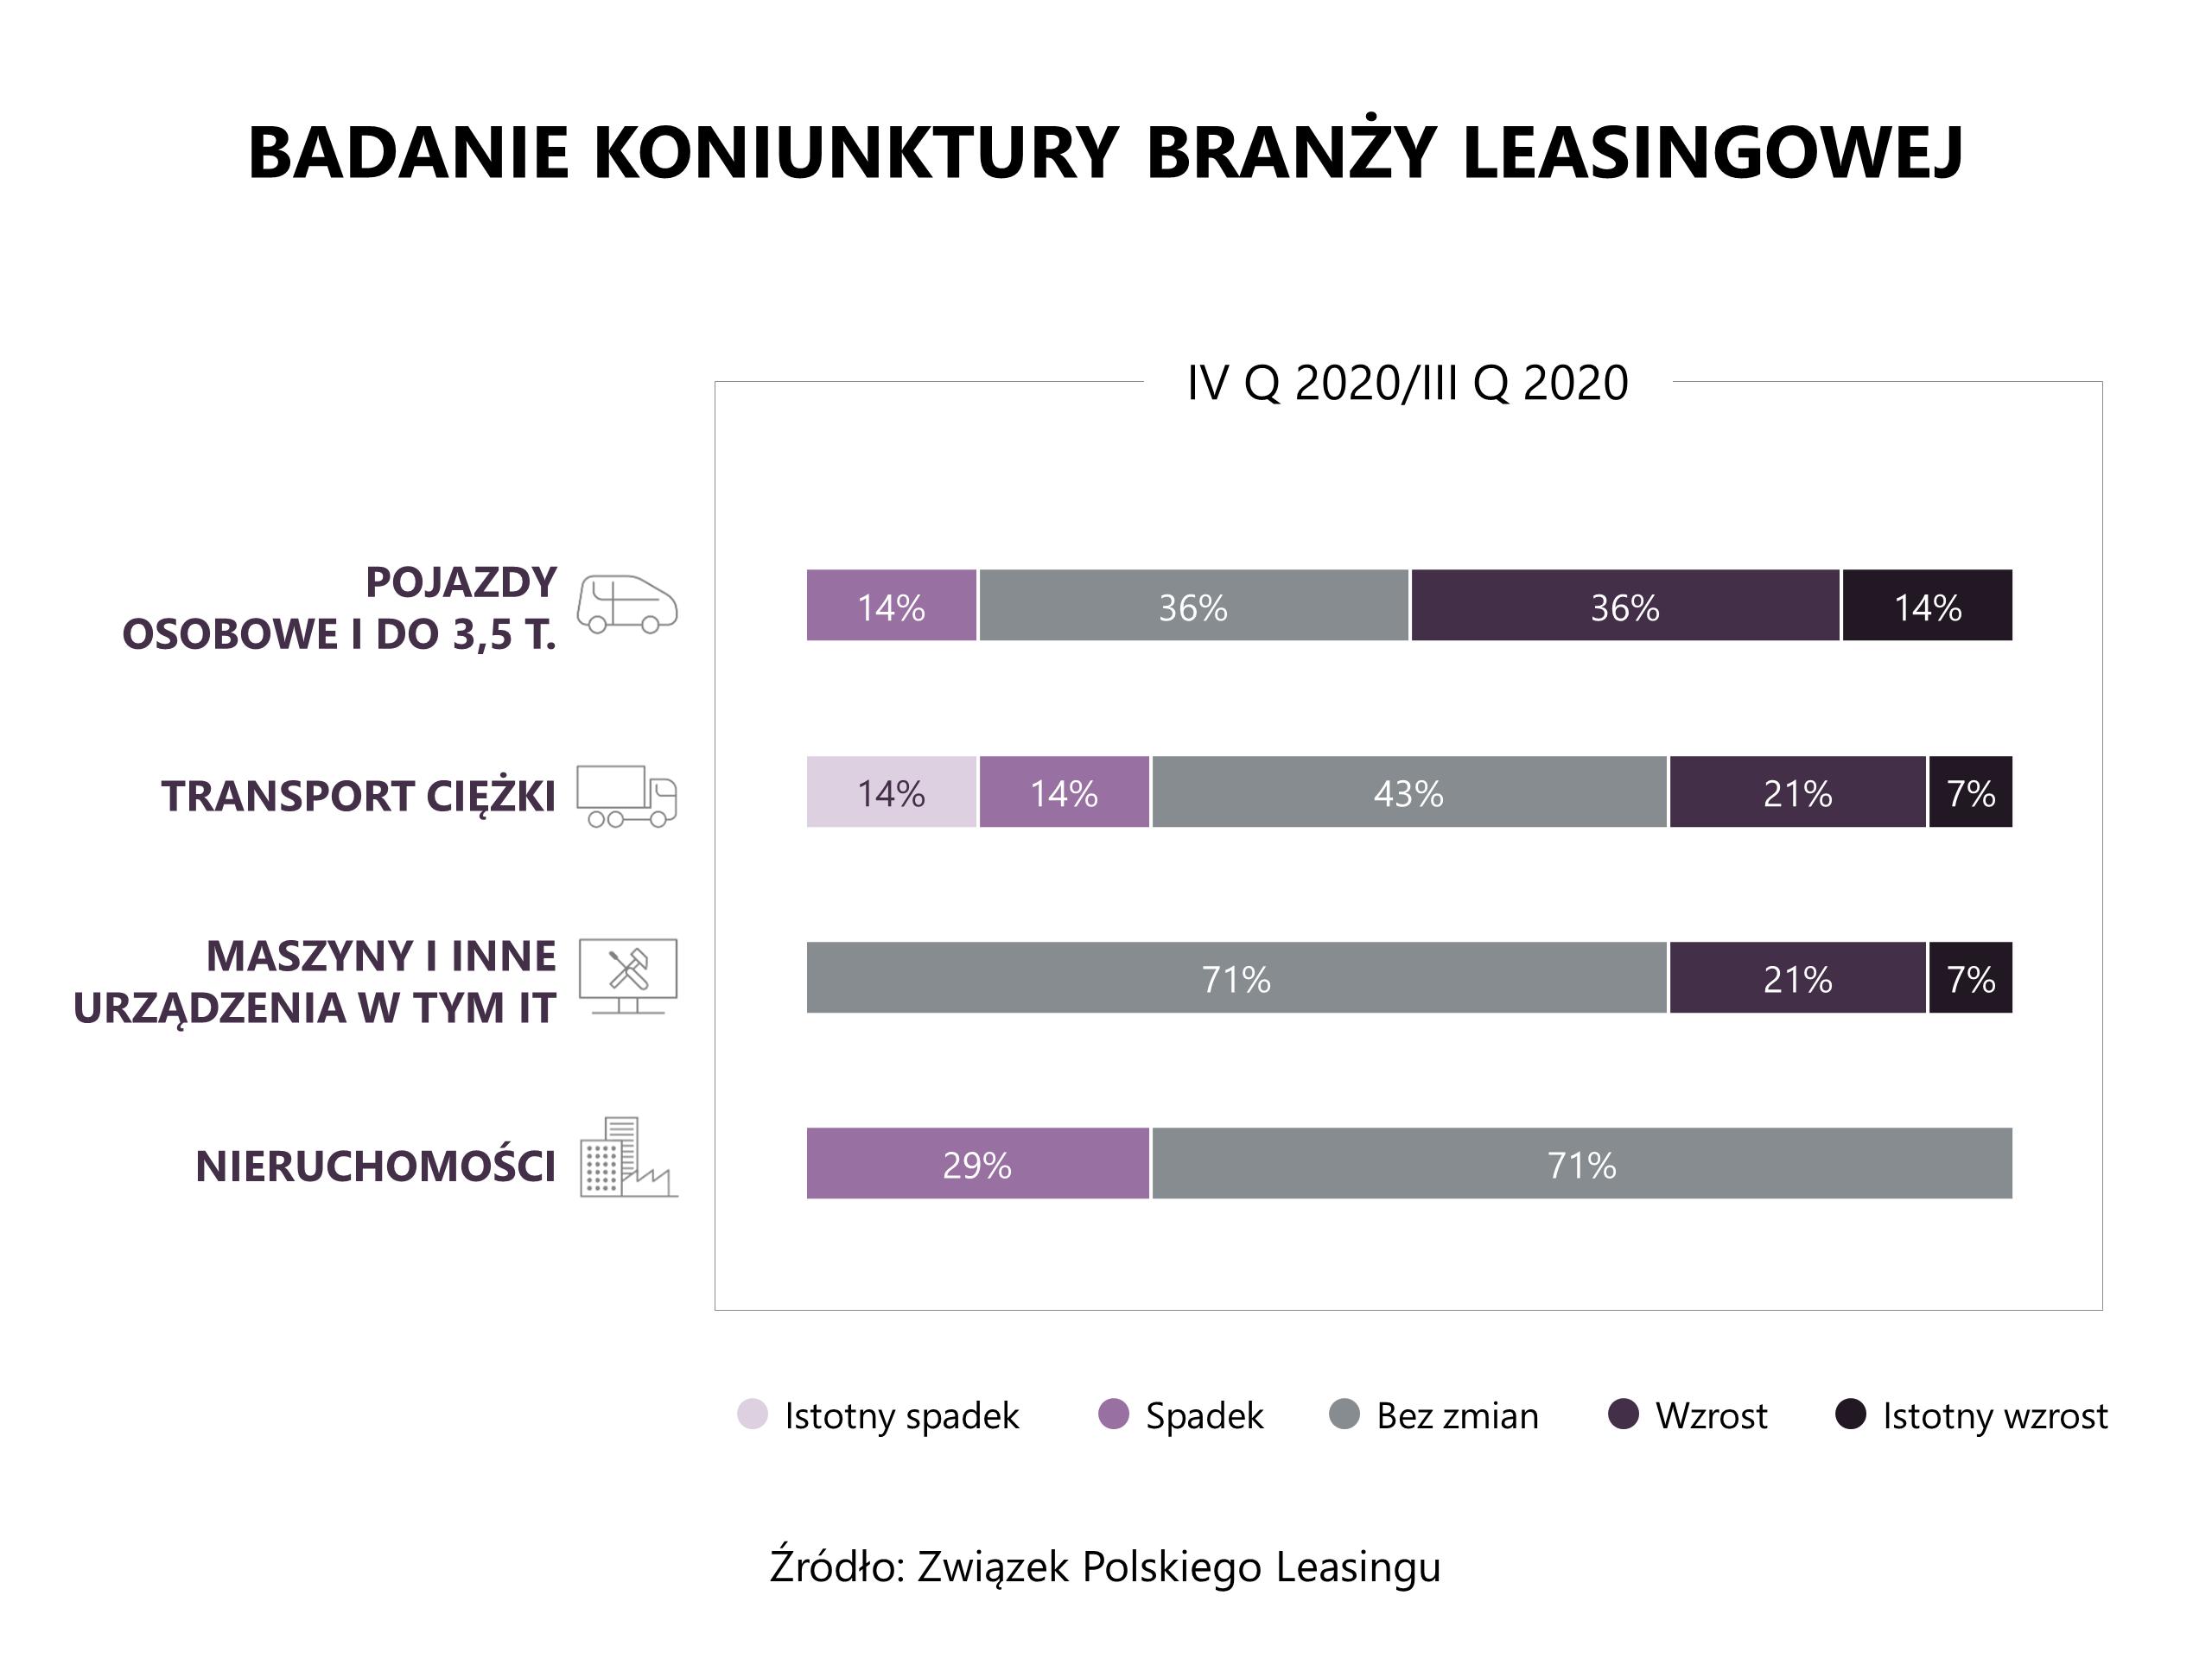 ZPL_koniunktura1_po III kw. 2020